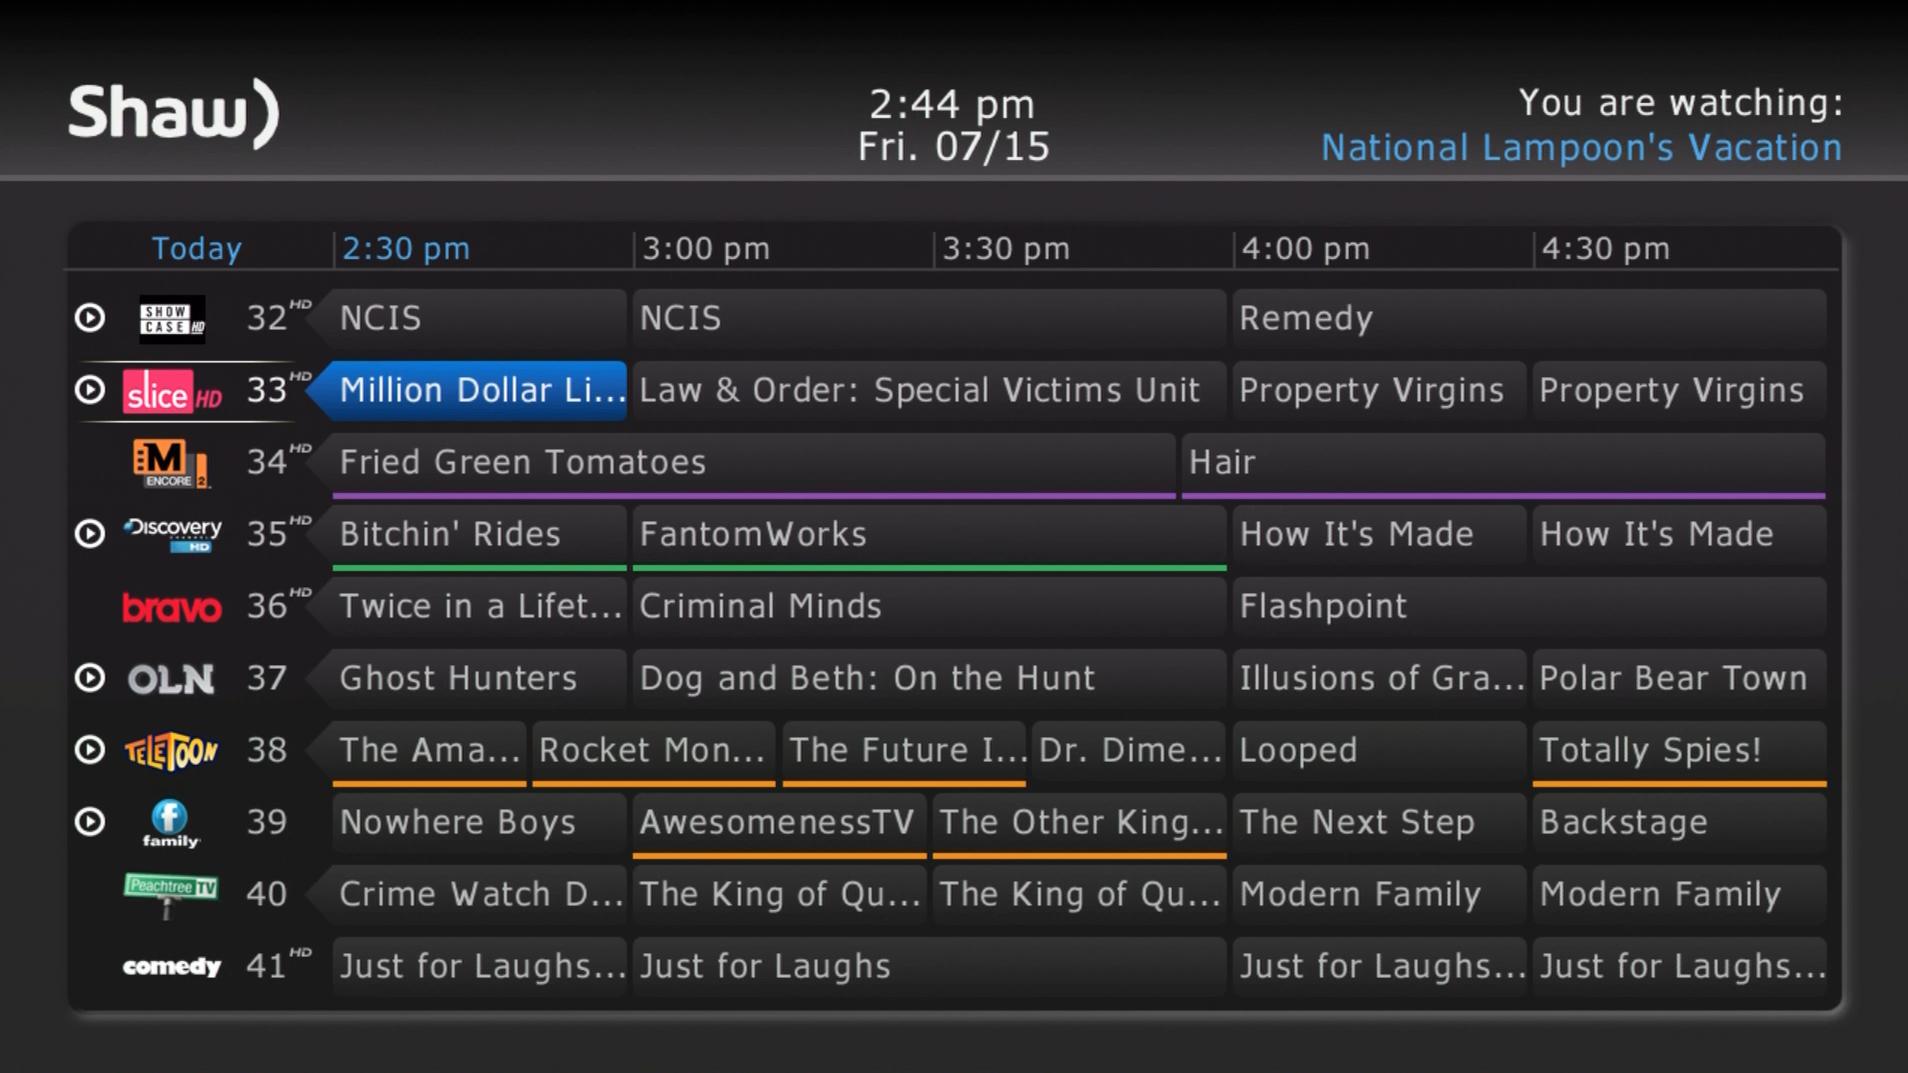 Shaw HD Guide: Full Screen Guide View